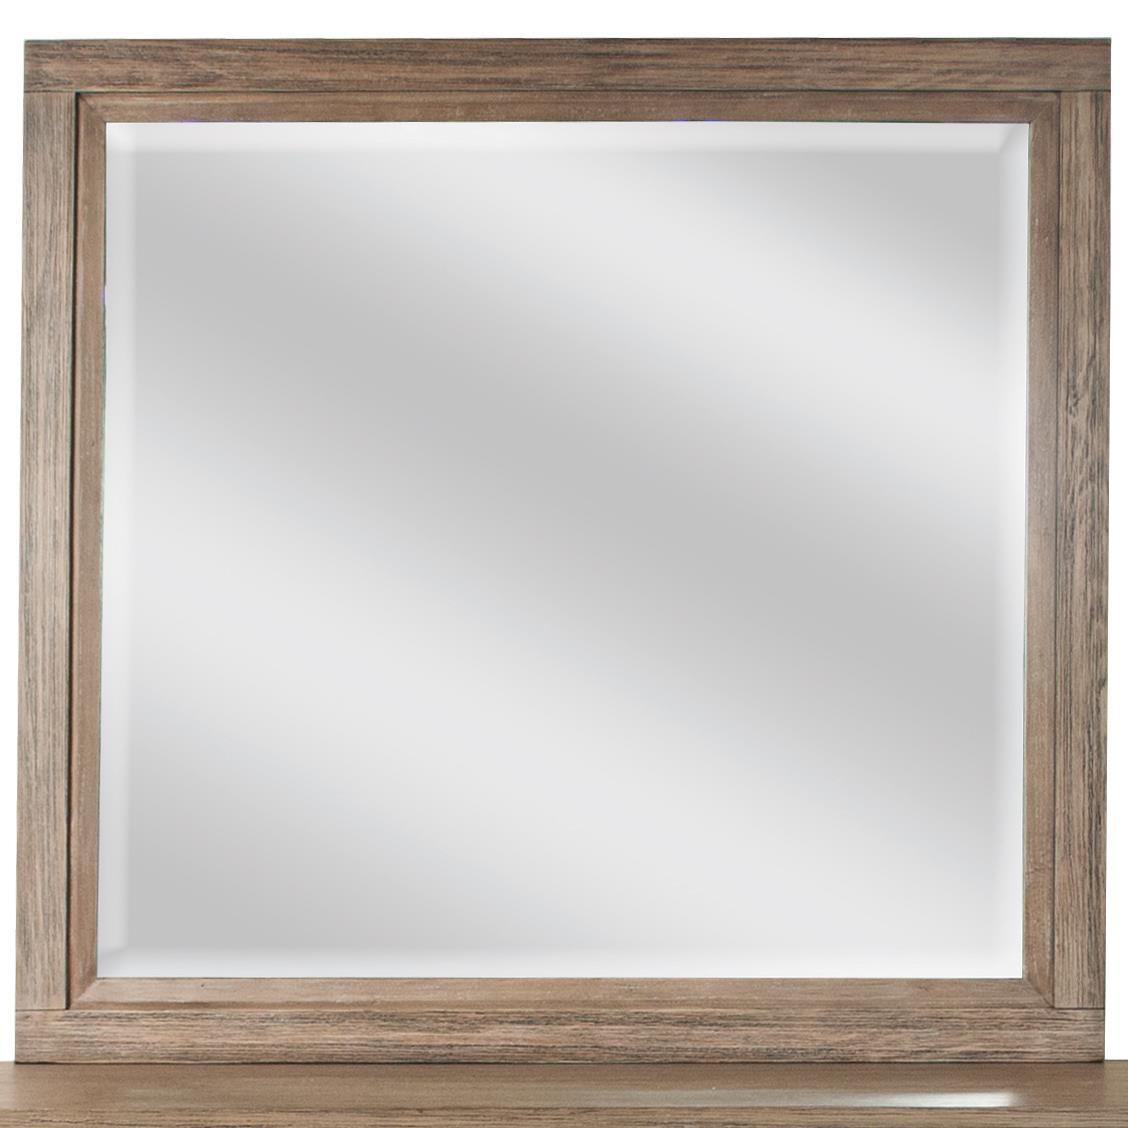 Riverside Furniture Mirabelle Landscape Mirror - Item Number: 26261